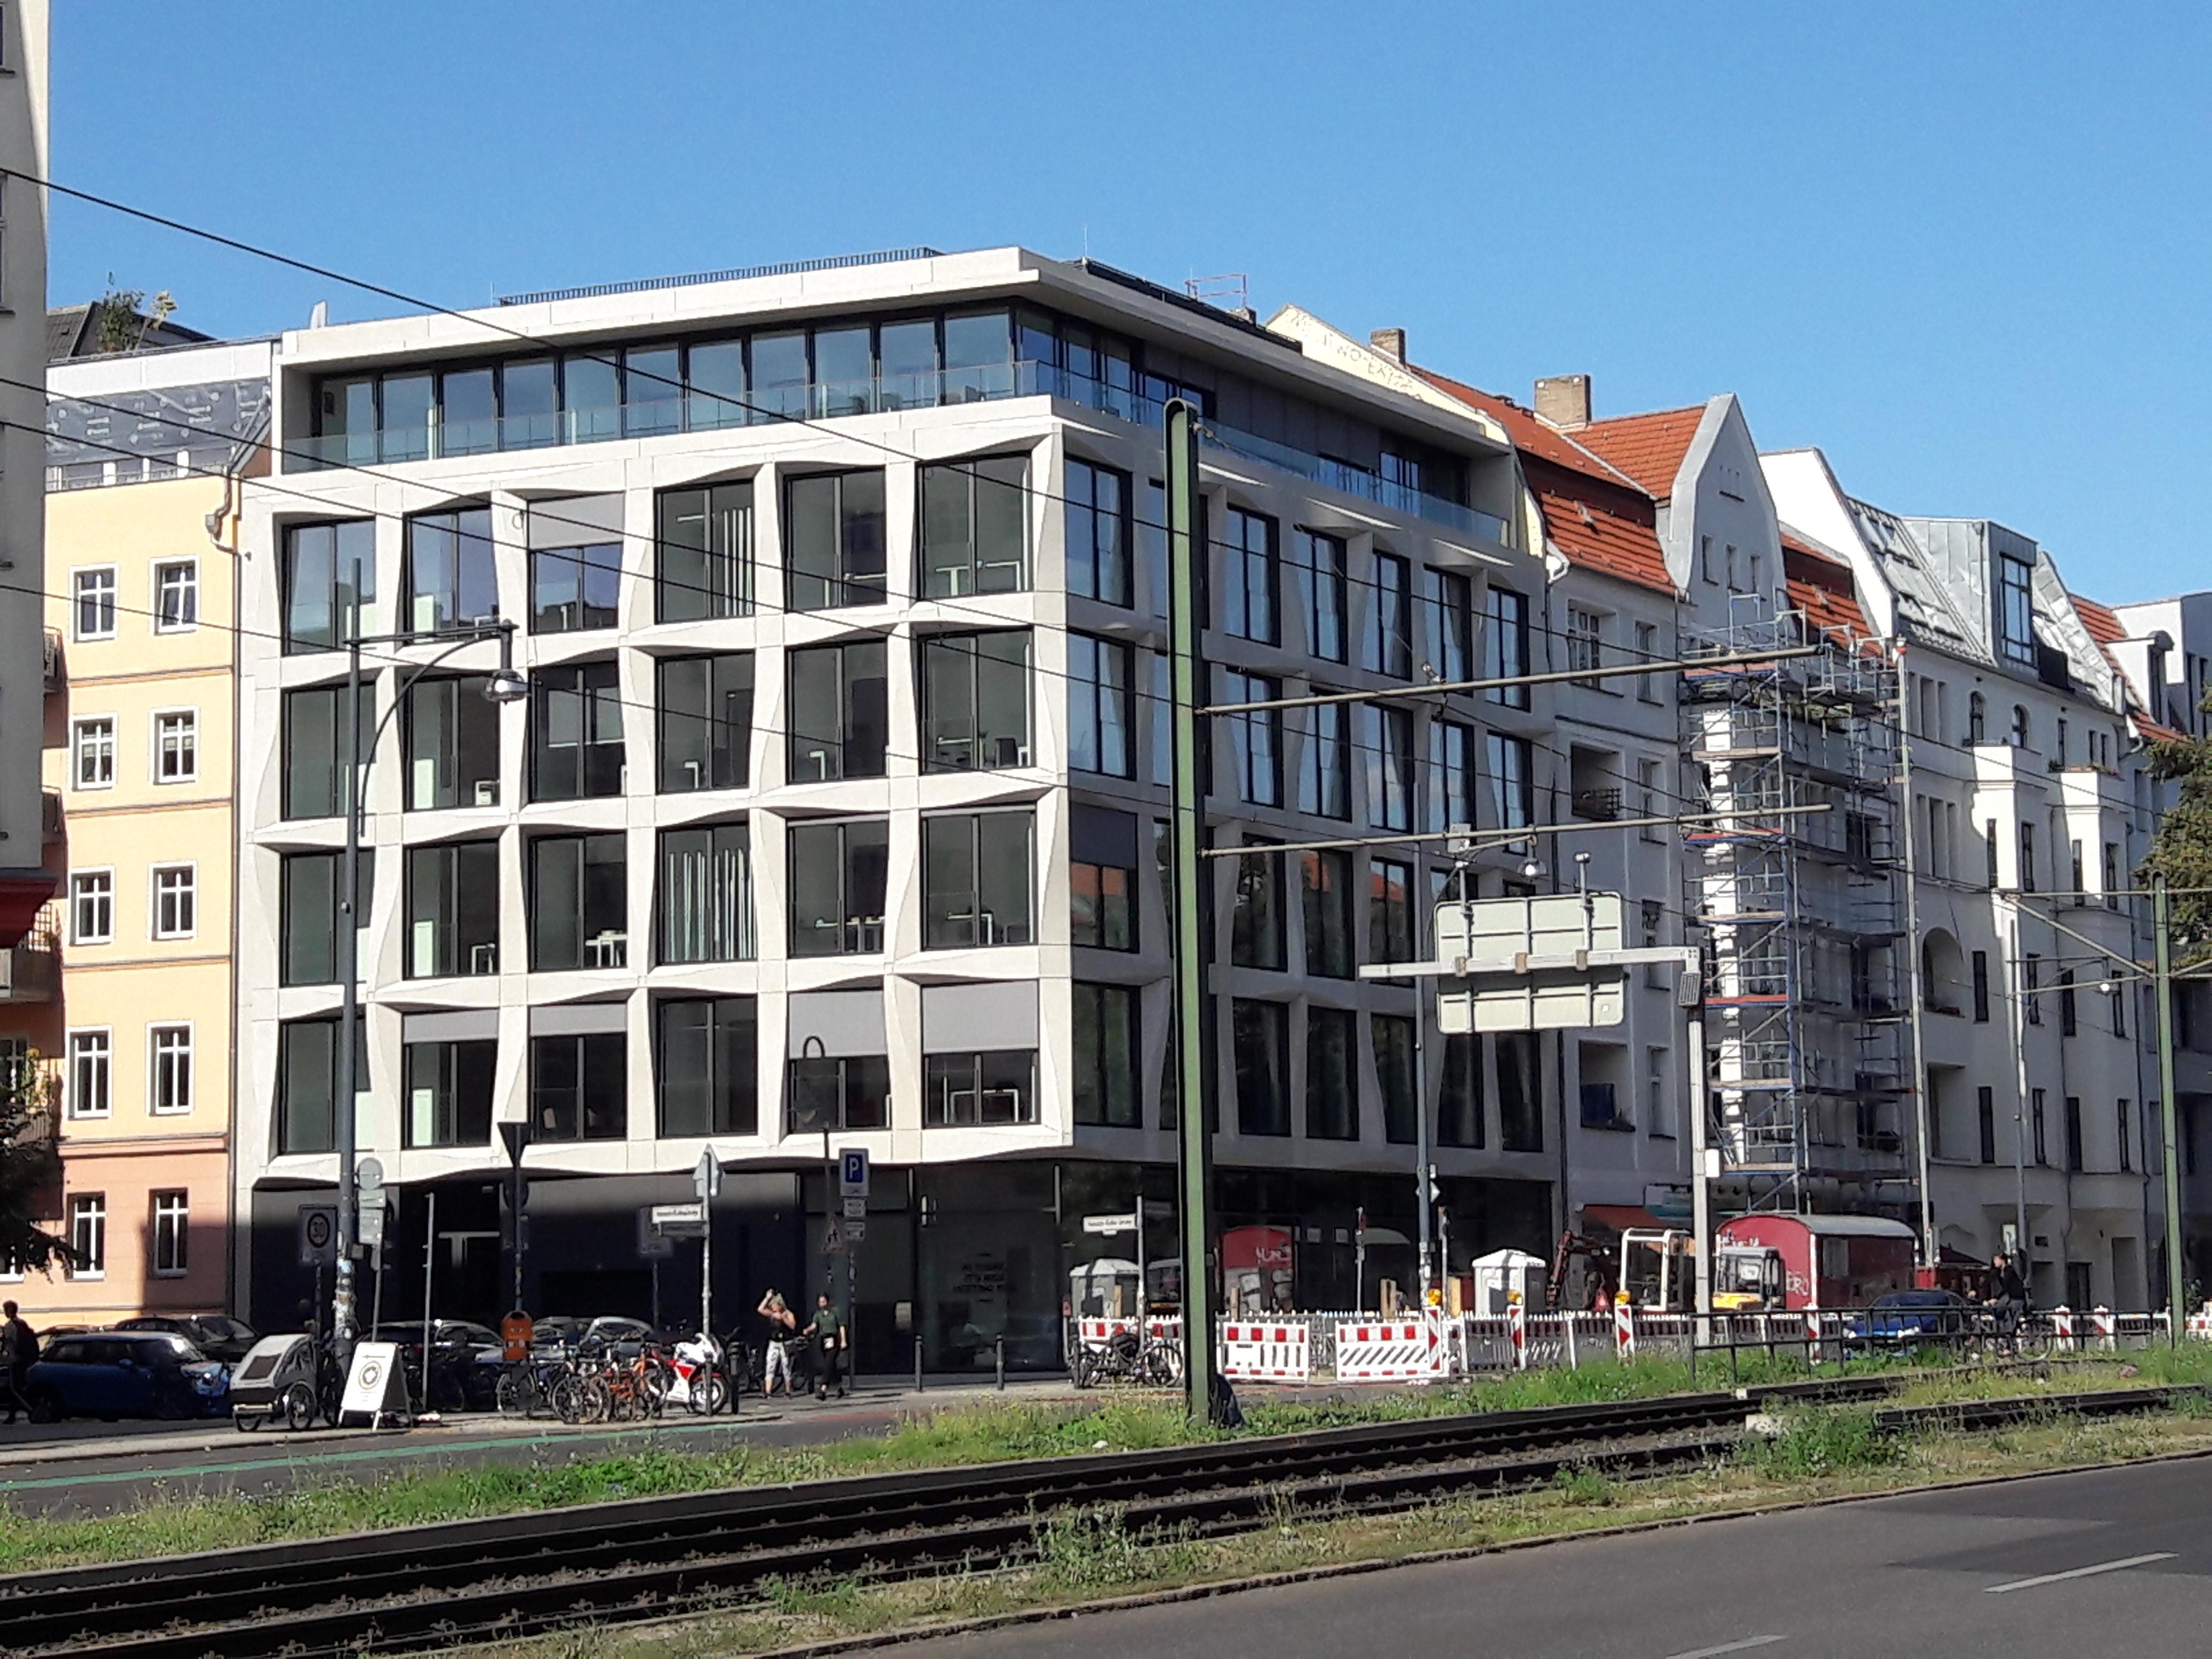 Neubau-Greifswalder-Berlin.jpg